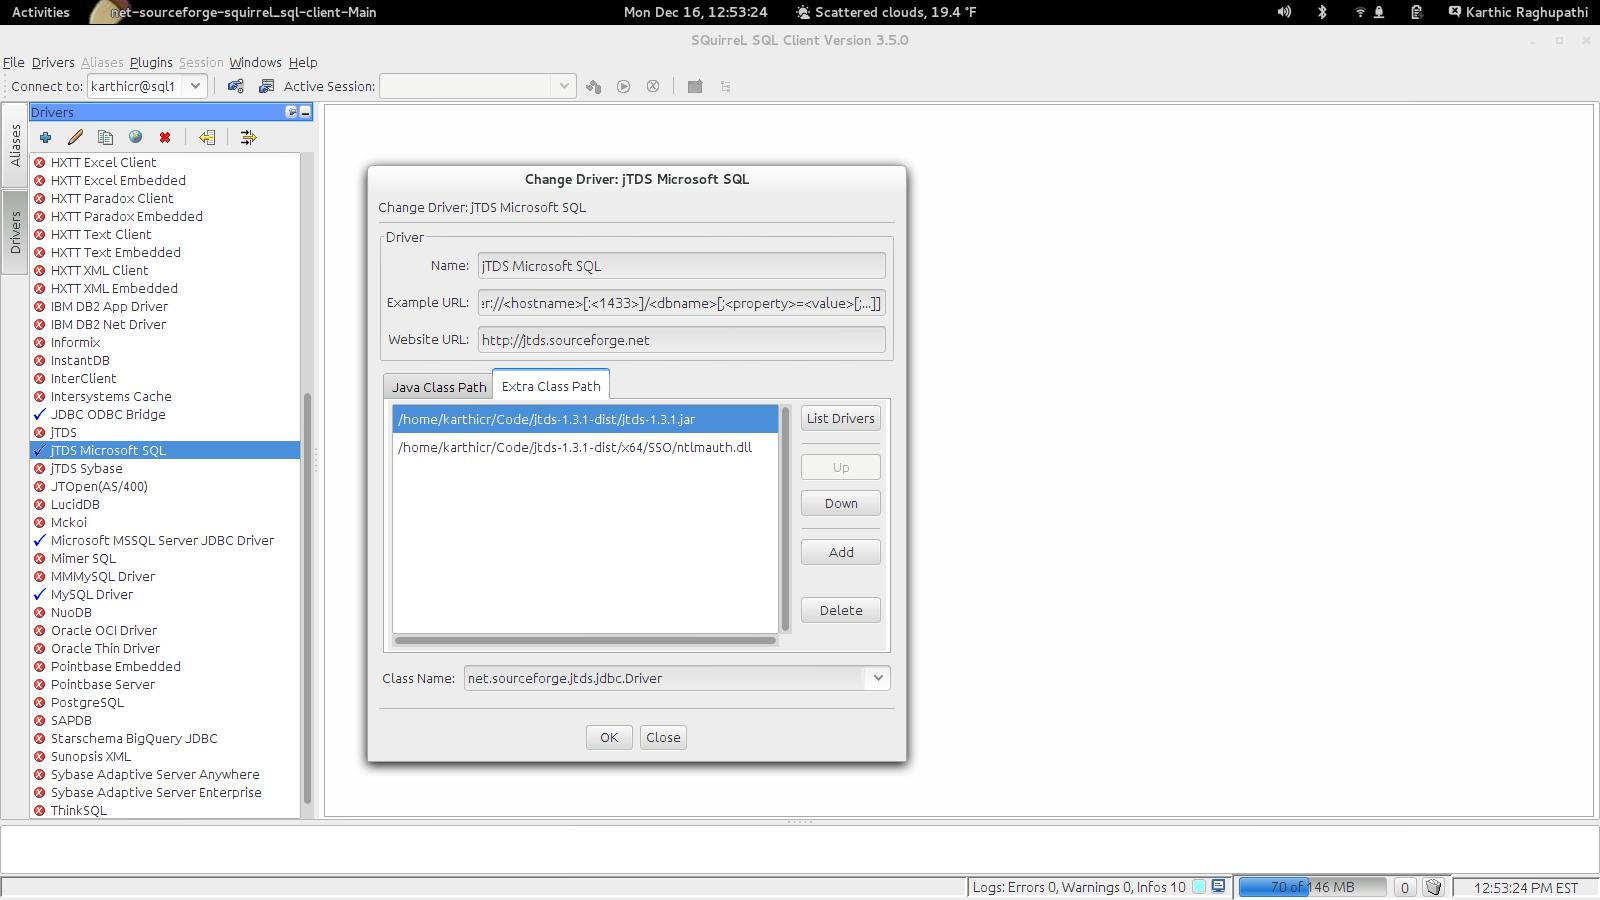 Screenshot of configuring SquirrelSQL